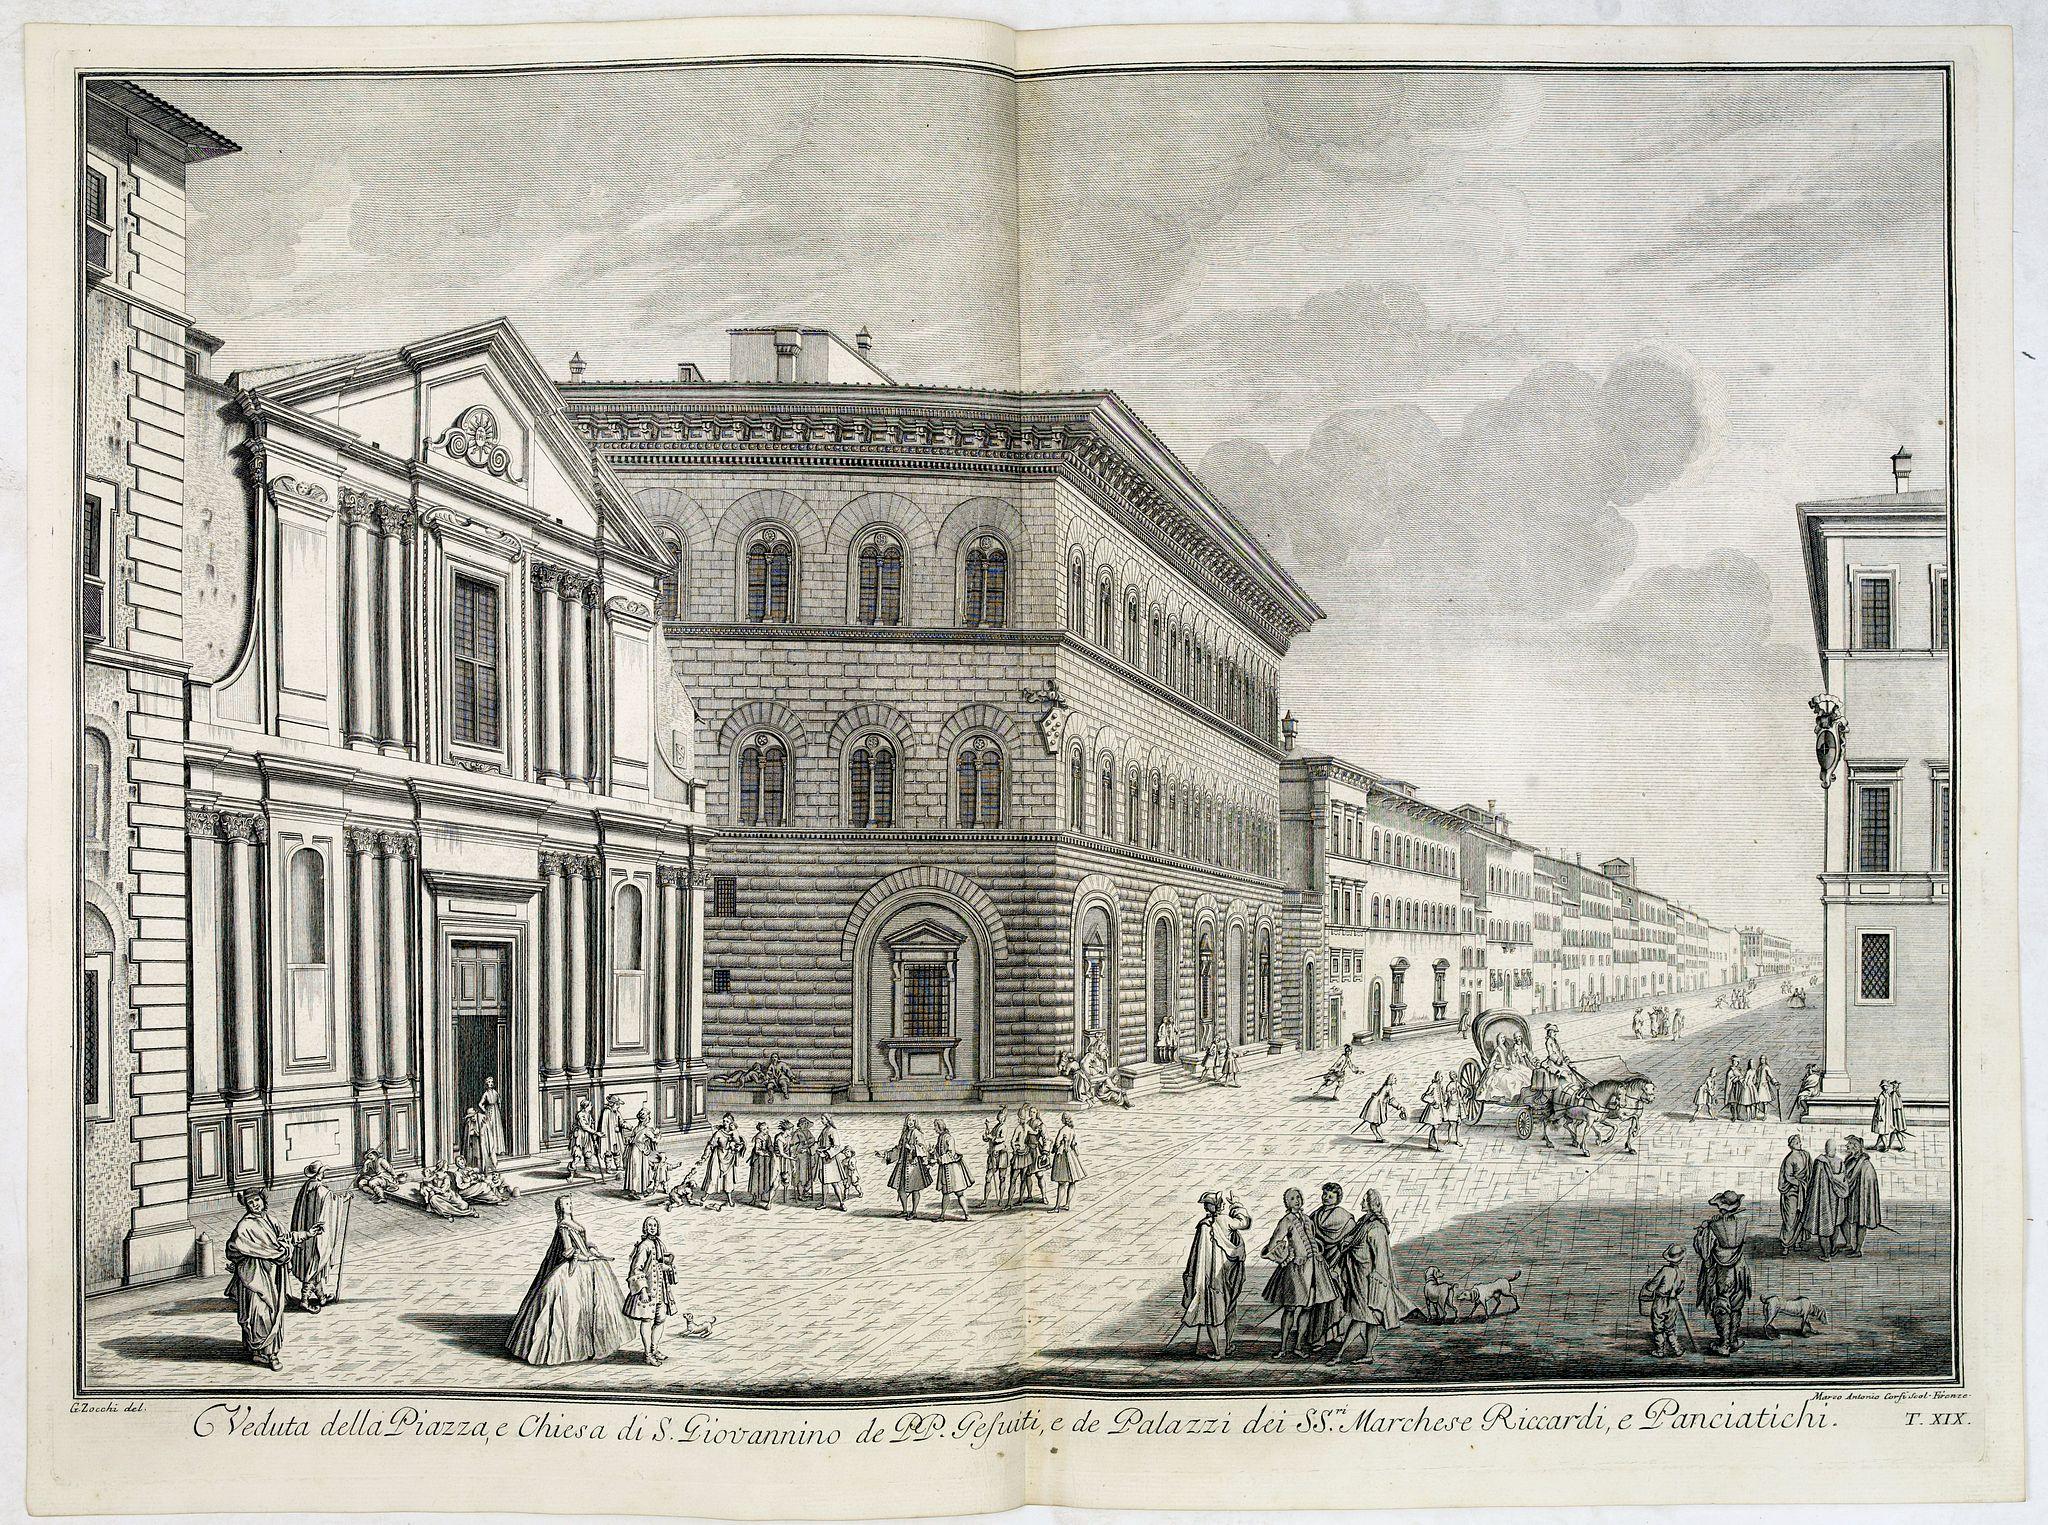 ZOCCHI, G. -  Veduta della Piazza, e Chiesa di S. Giovannino de' PP. Gesuiti, e de' Palazzi de' SS.ri Marchese Riccardi, e Panciatichi.